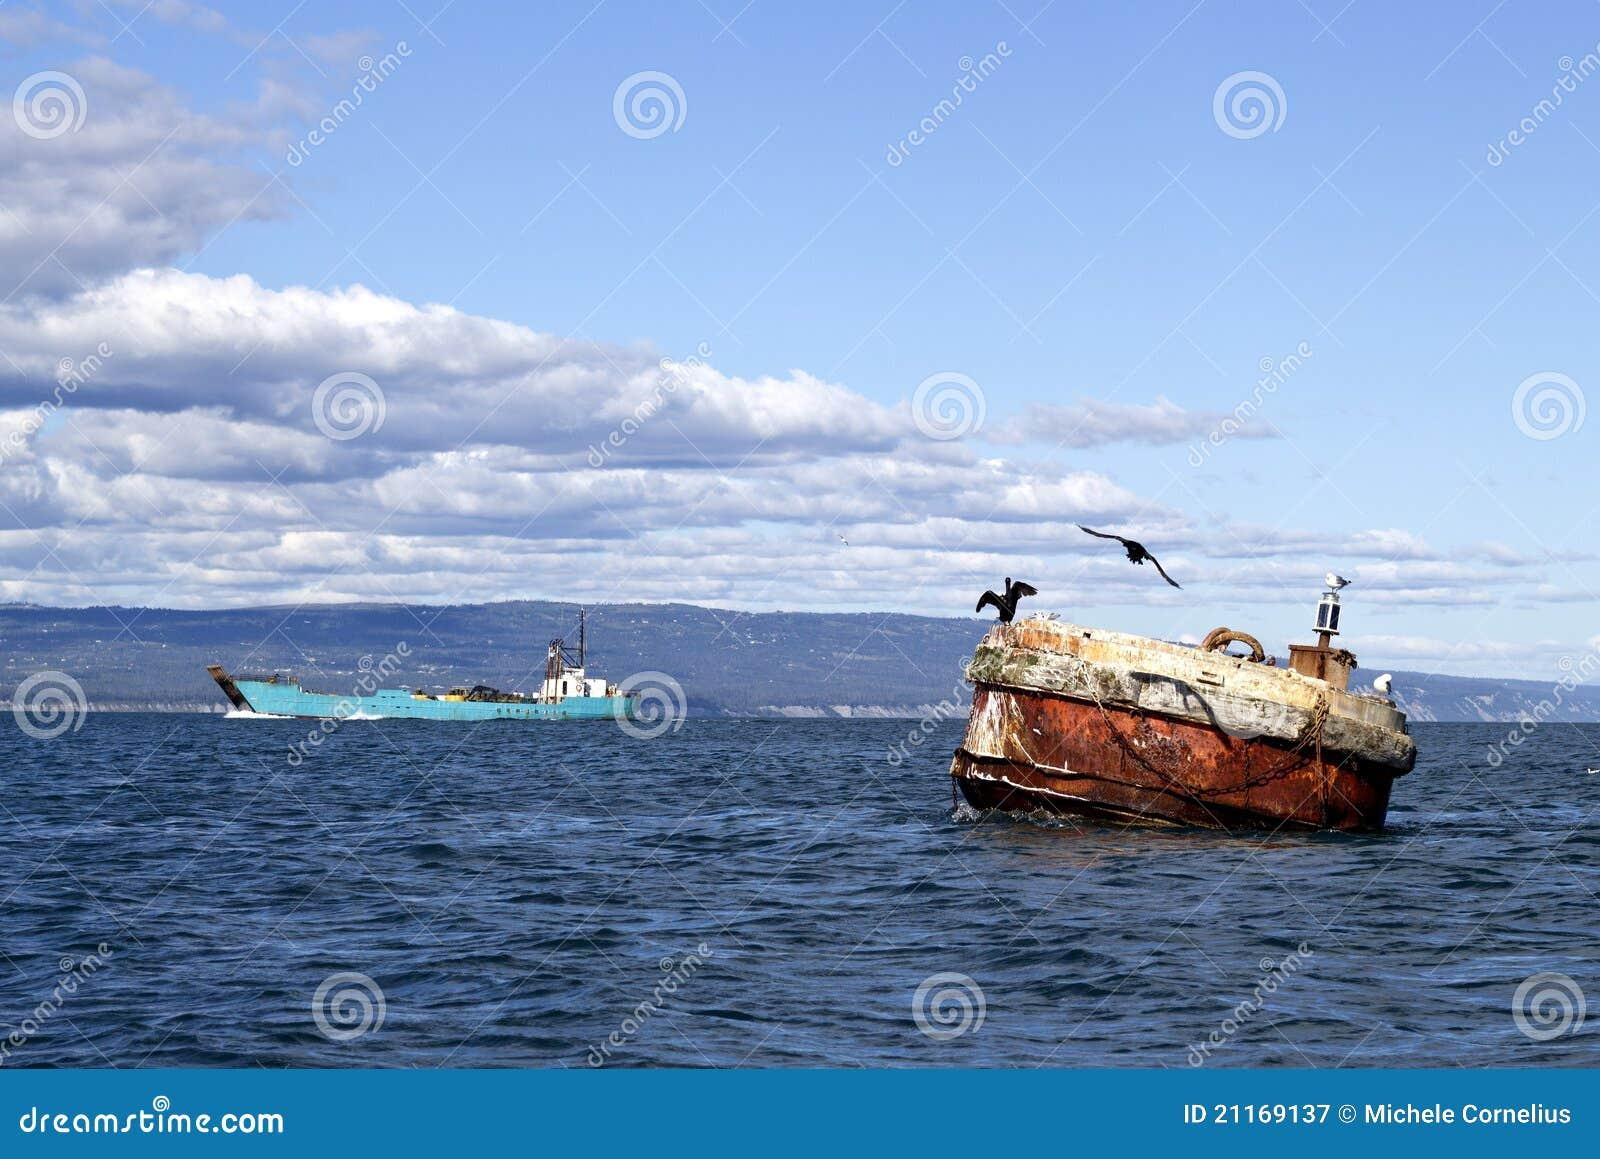 Cormoranes en una boya en la bahía